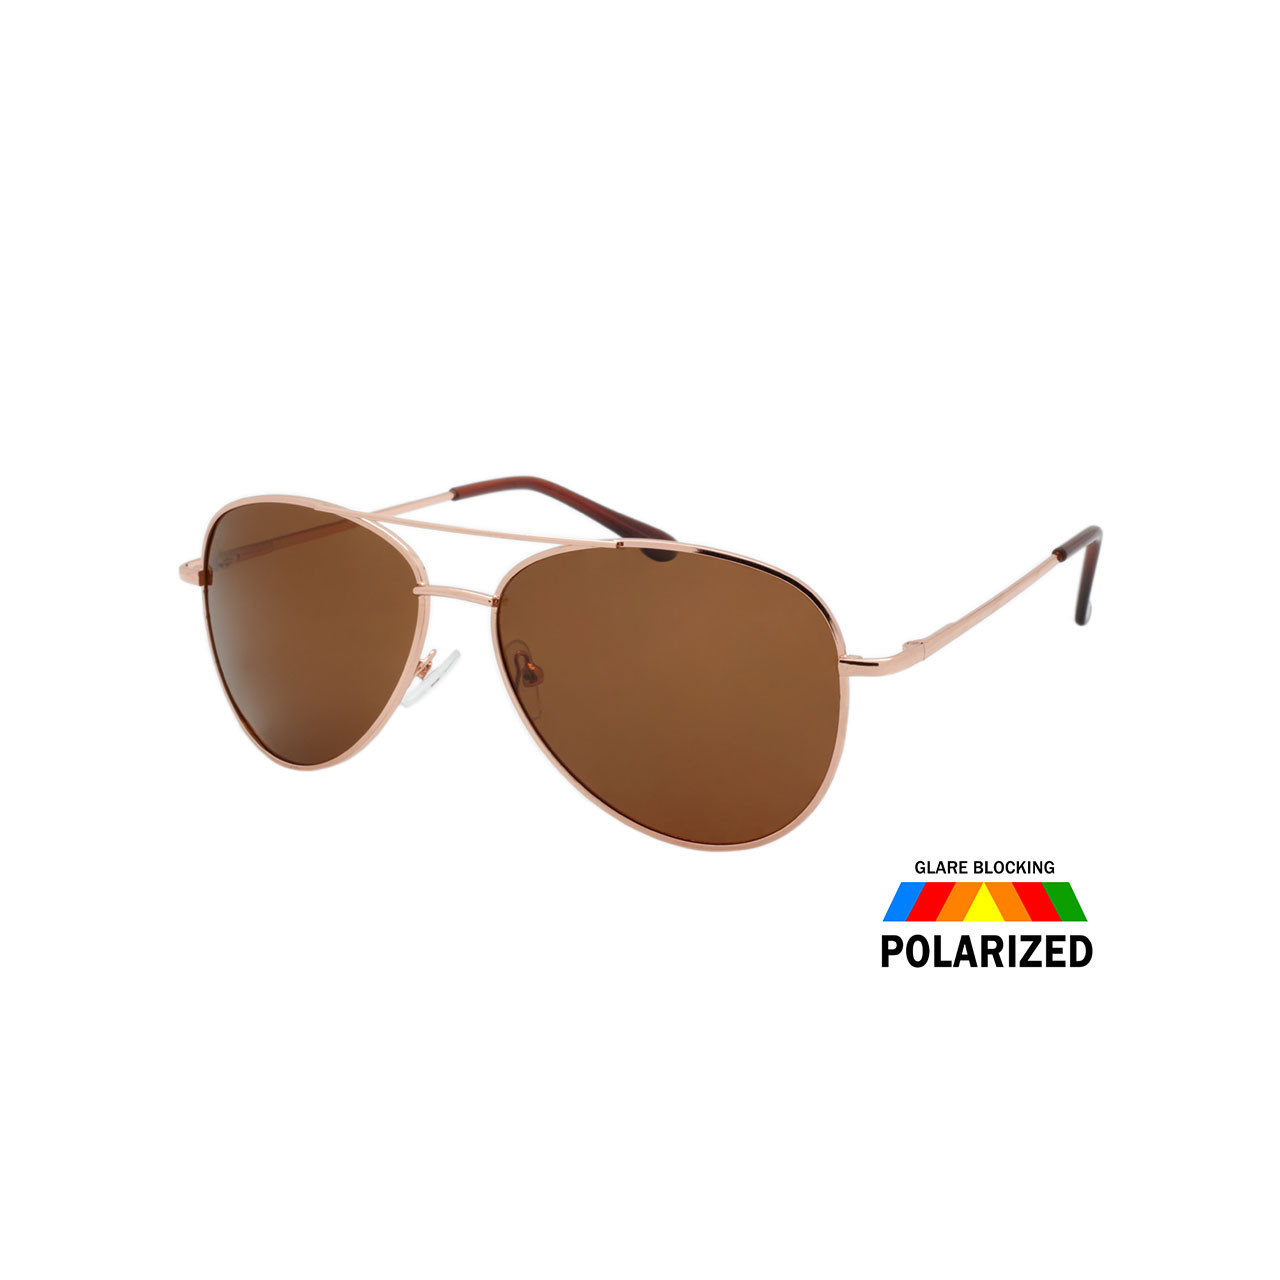 76786cc5438 Wholesale Assorted Colors Metal Polarized Aviator Fashion Sunglasses ...